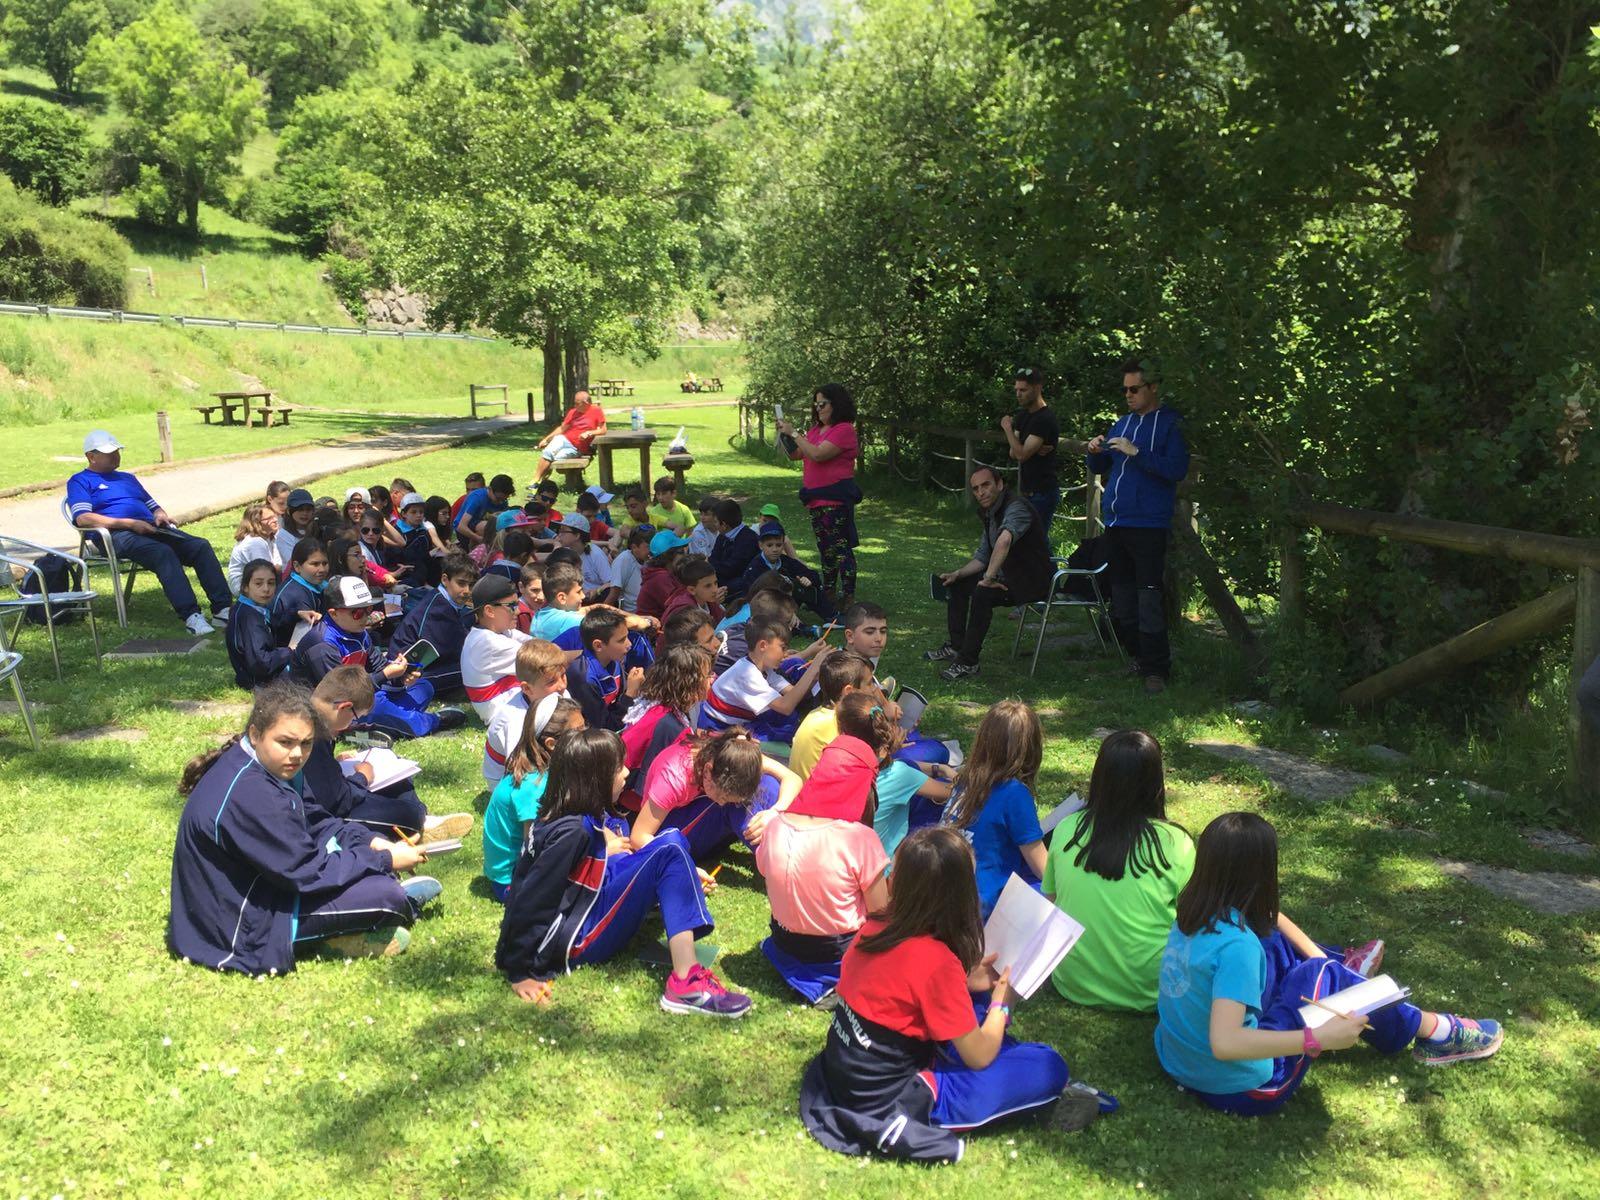 Vive la experiencia Fundación oso de Asturias